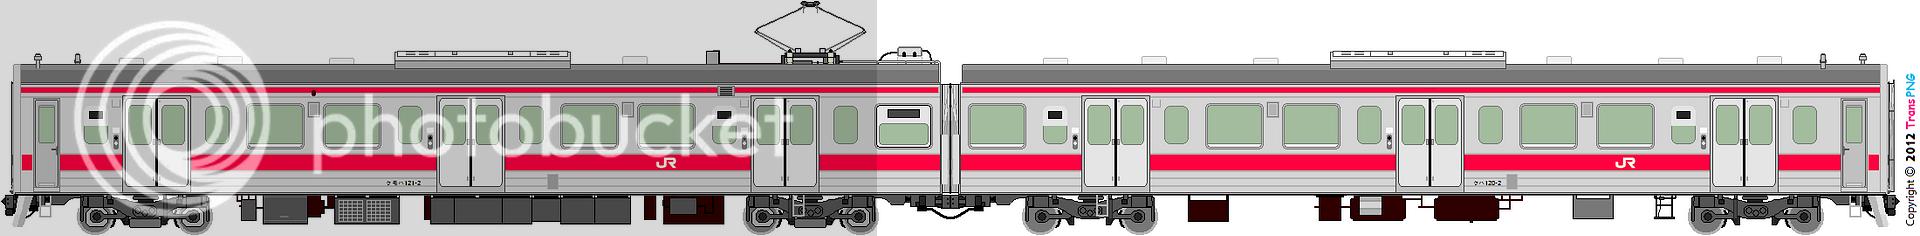 [5363] Shikoku Railway 2363